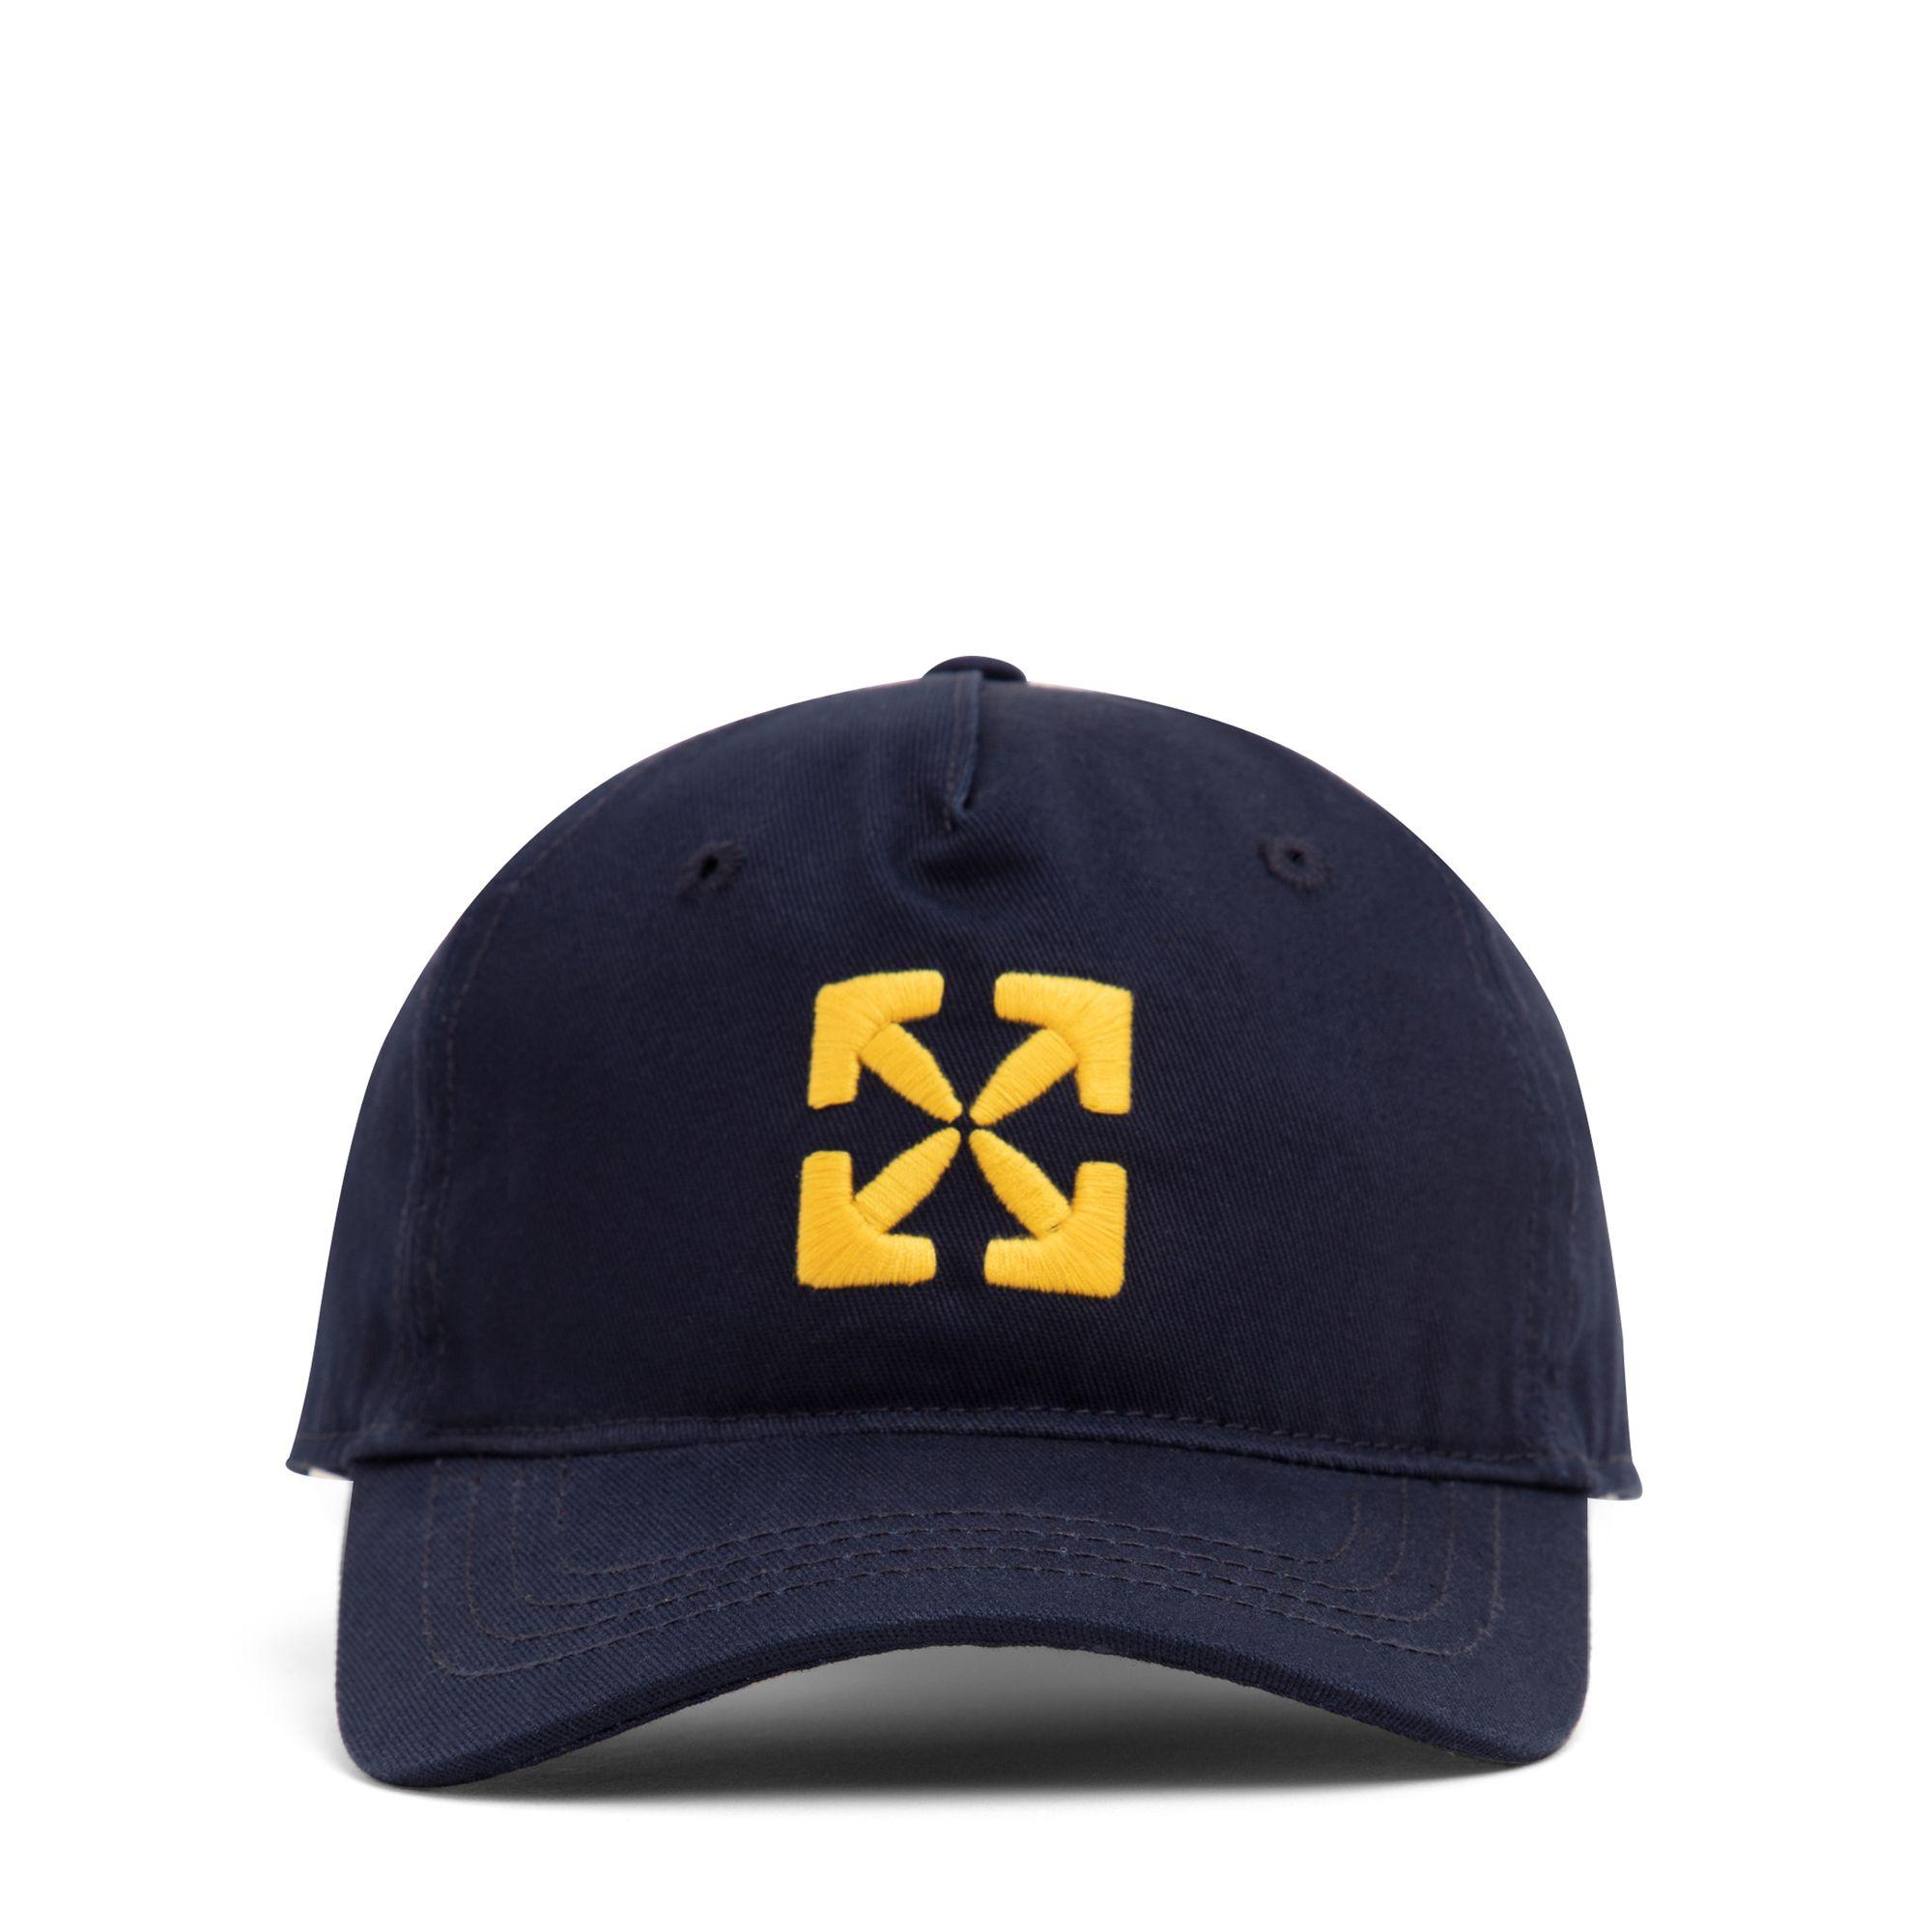 Arrows cap